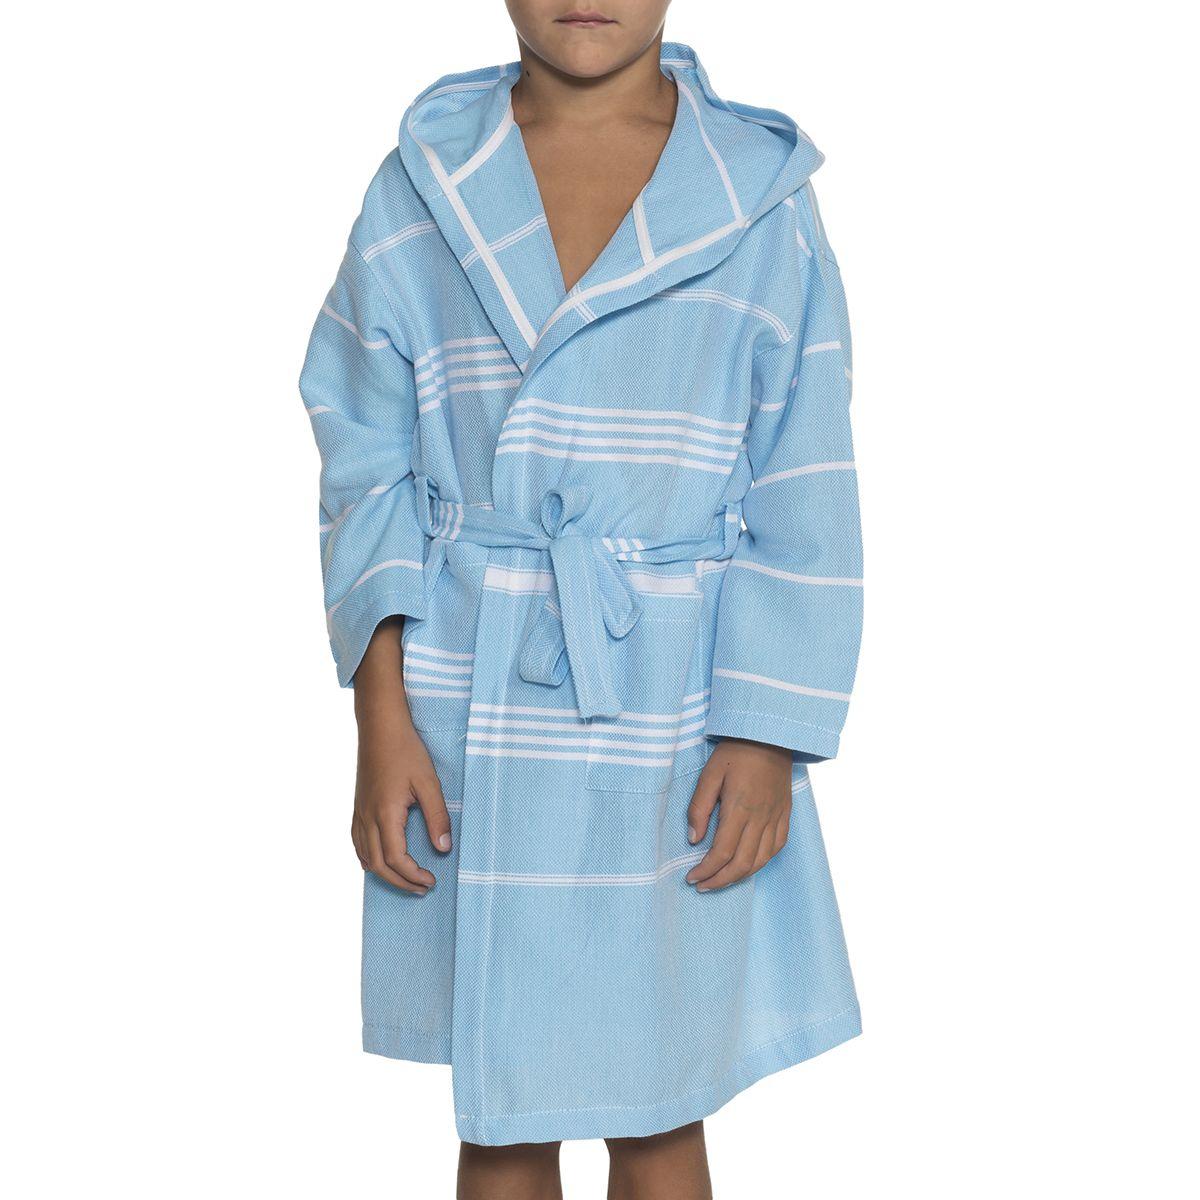 Bathrobe Kiddo Leyla with hood - Turquoise